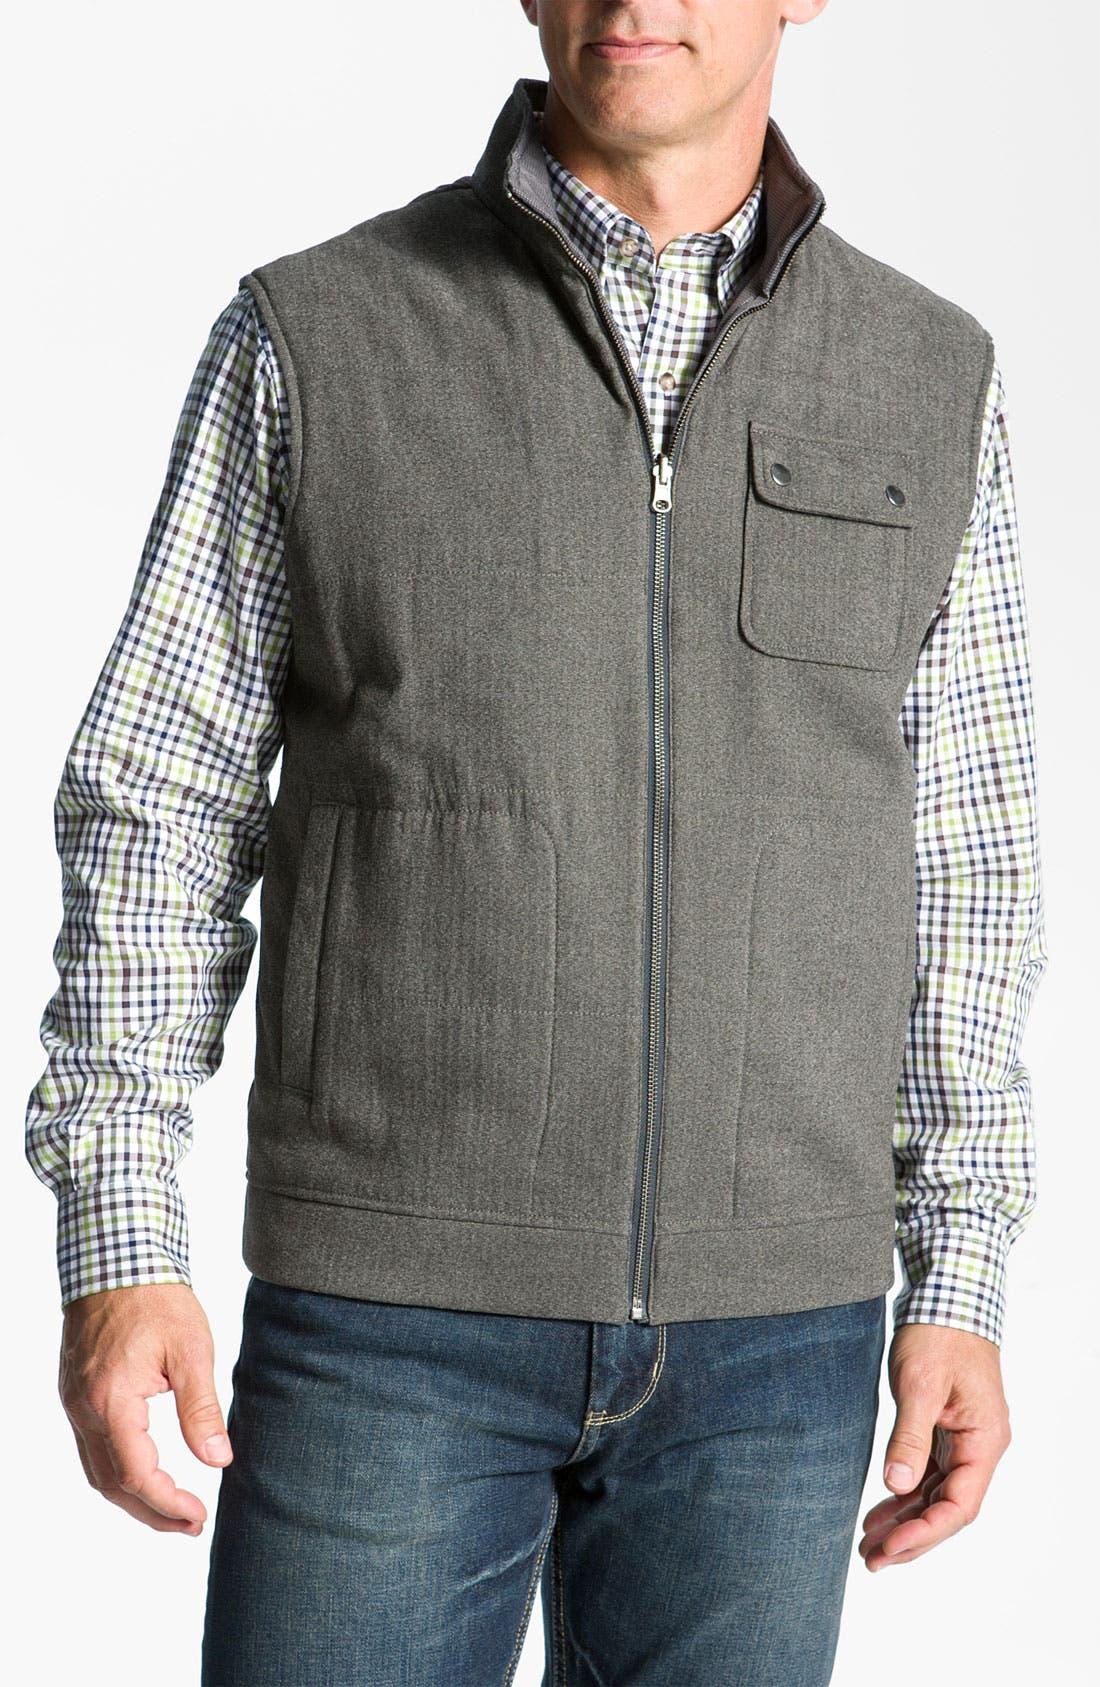 Main Image - Cutter & Buck 'Mount Baker' Reversible Vest (Online Exclusive)